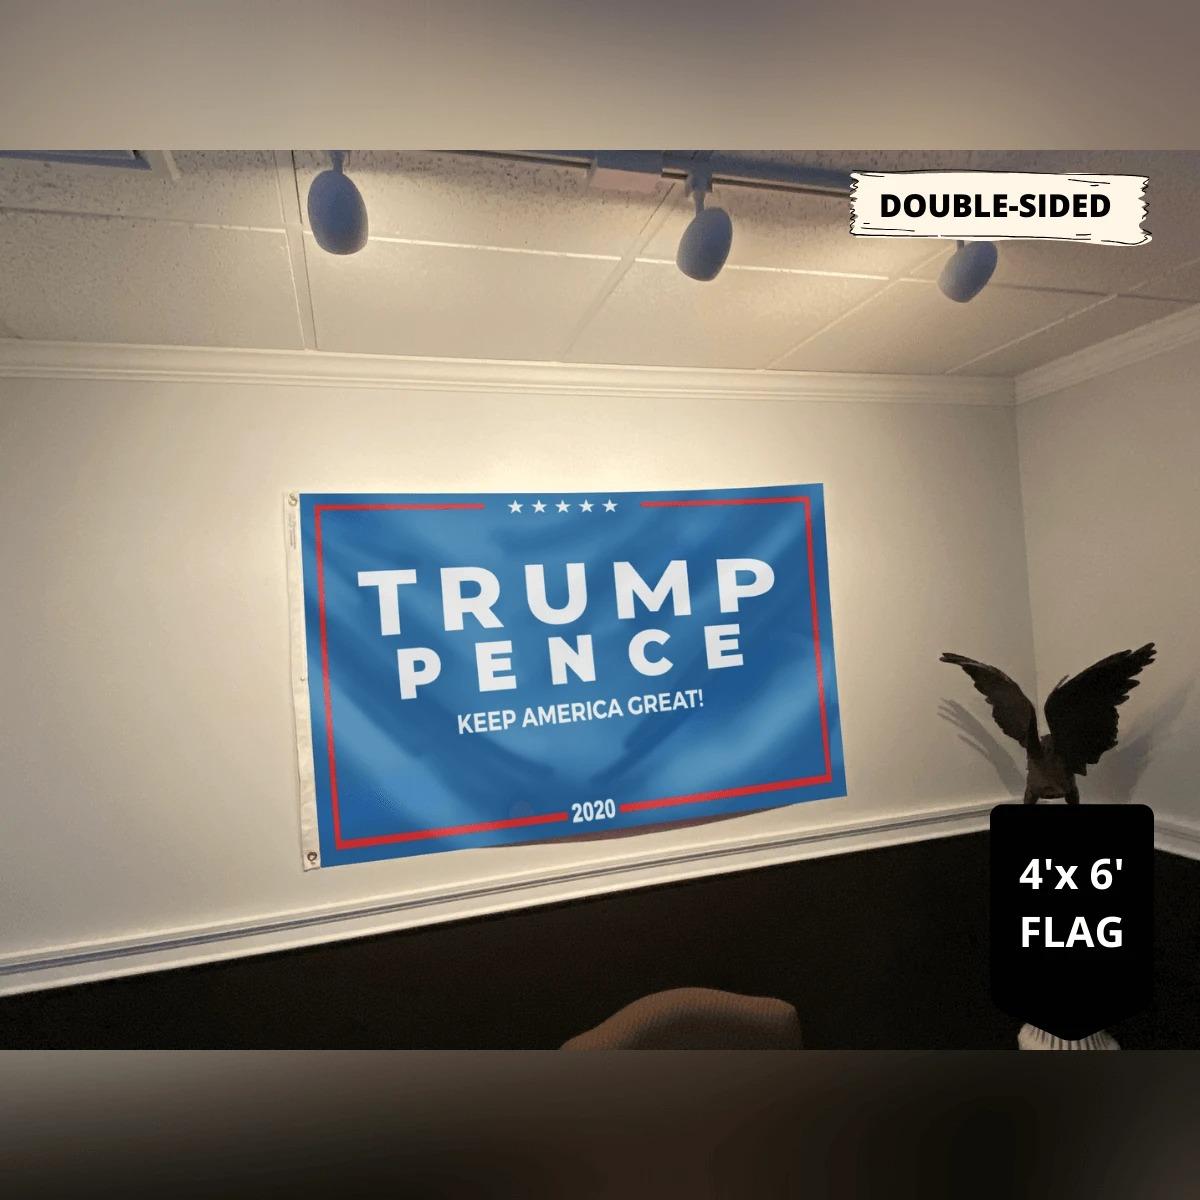 Trump pence keep America great flag4